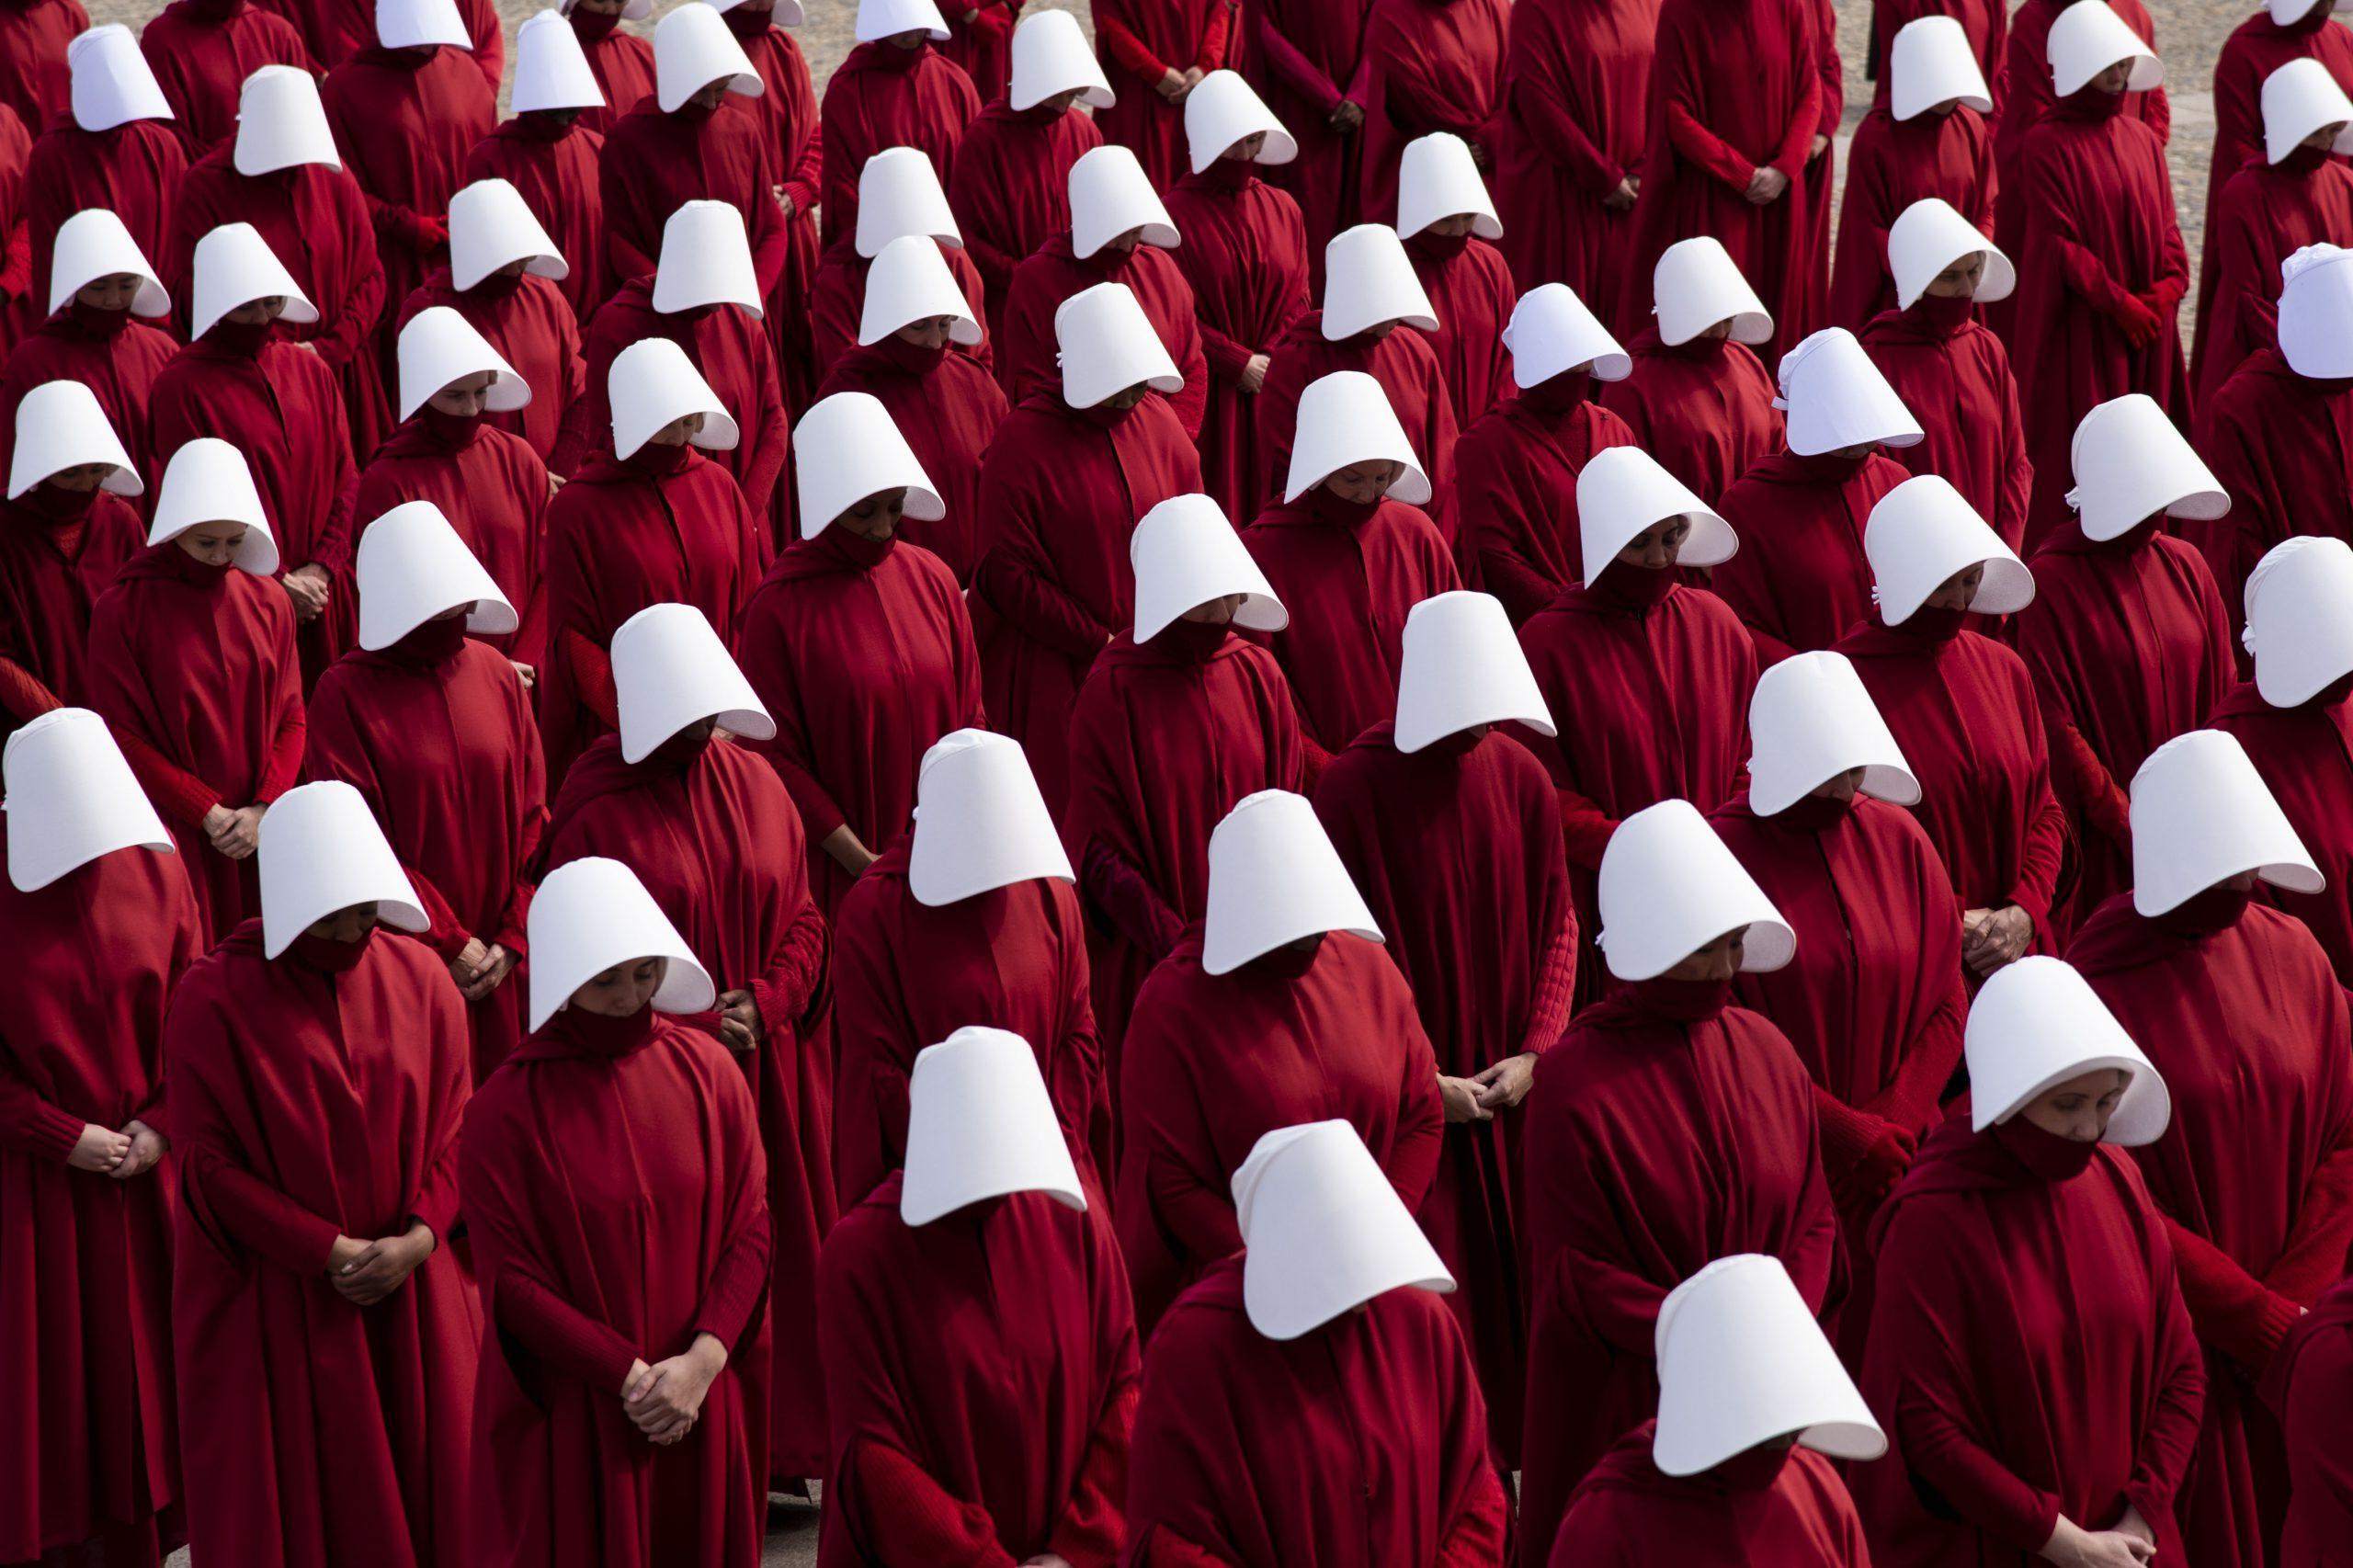 Italia e diritto all'aborto, due mondi paralleli?